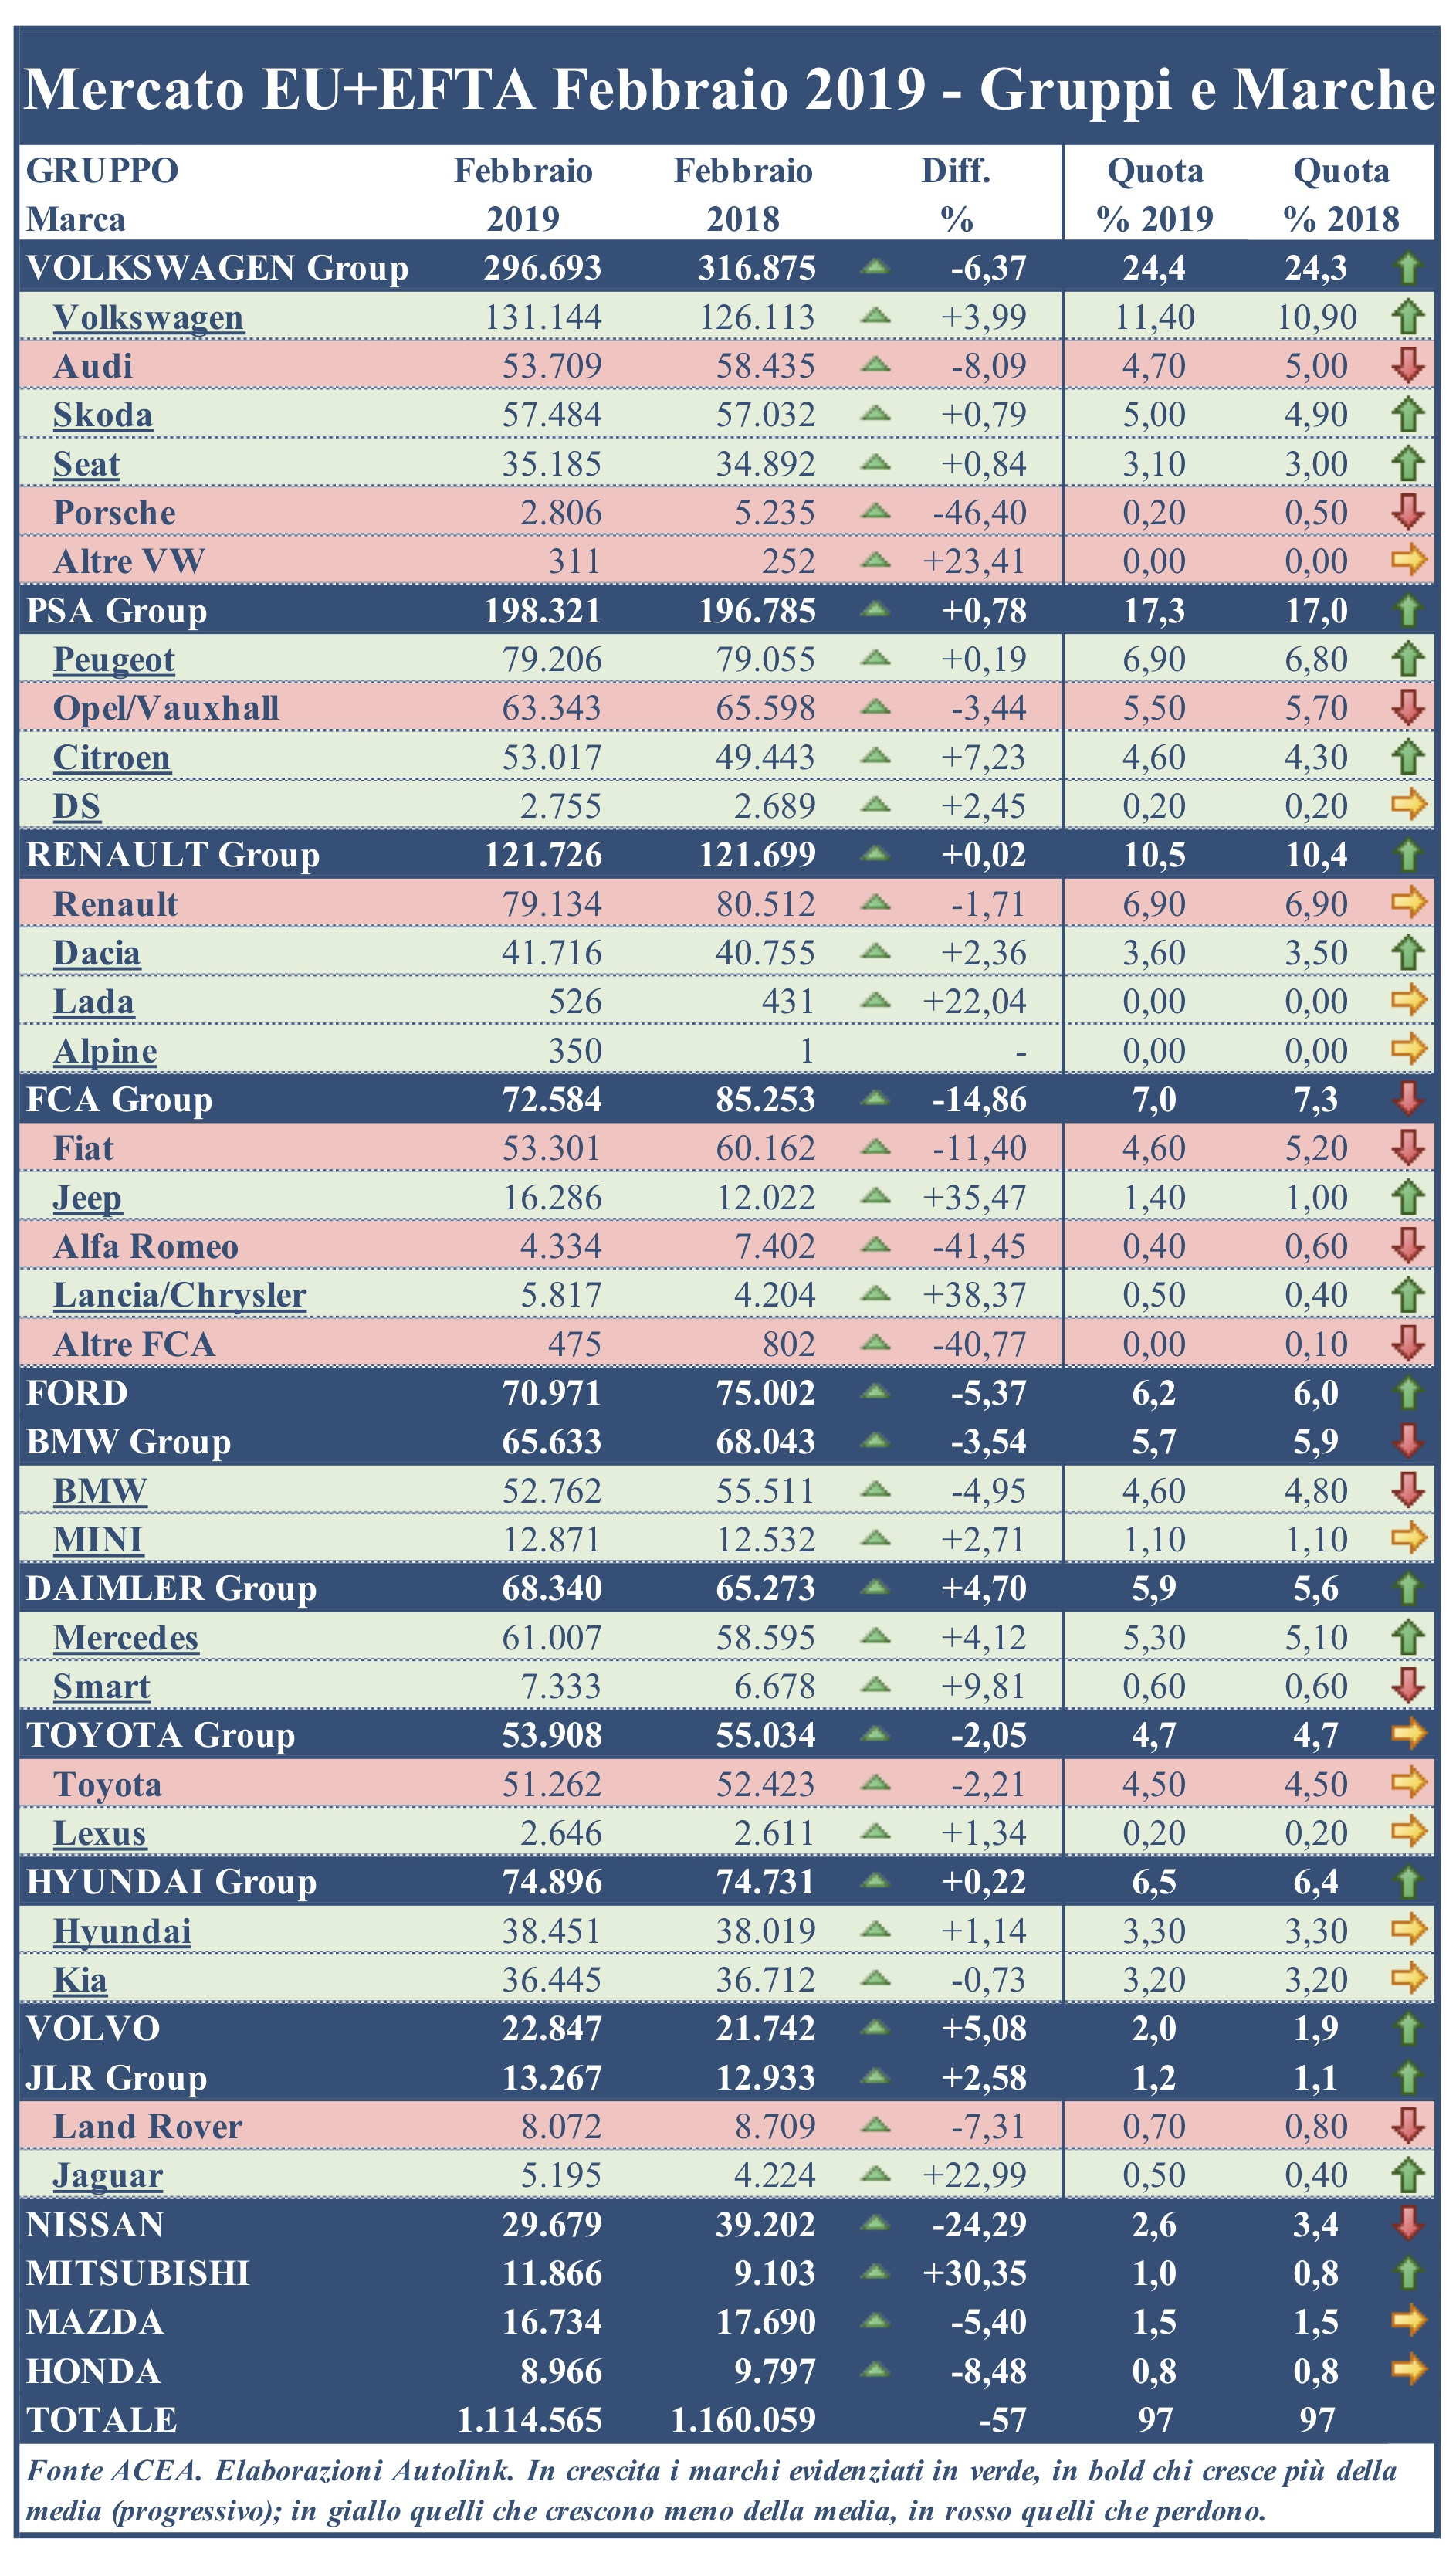 Mercato Europa: febbraio negativo per i principali Gruppi